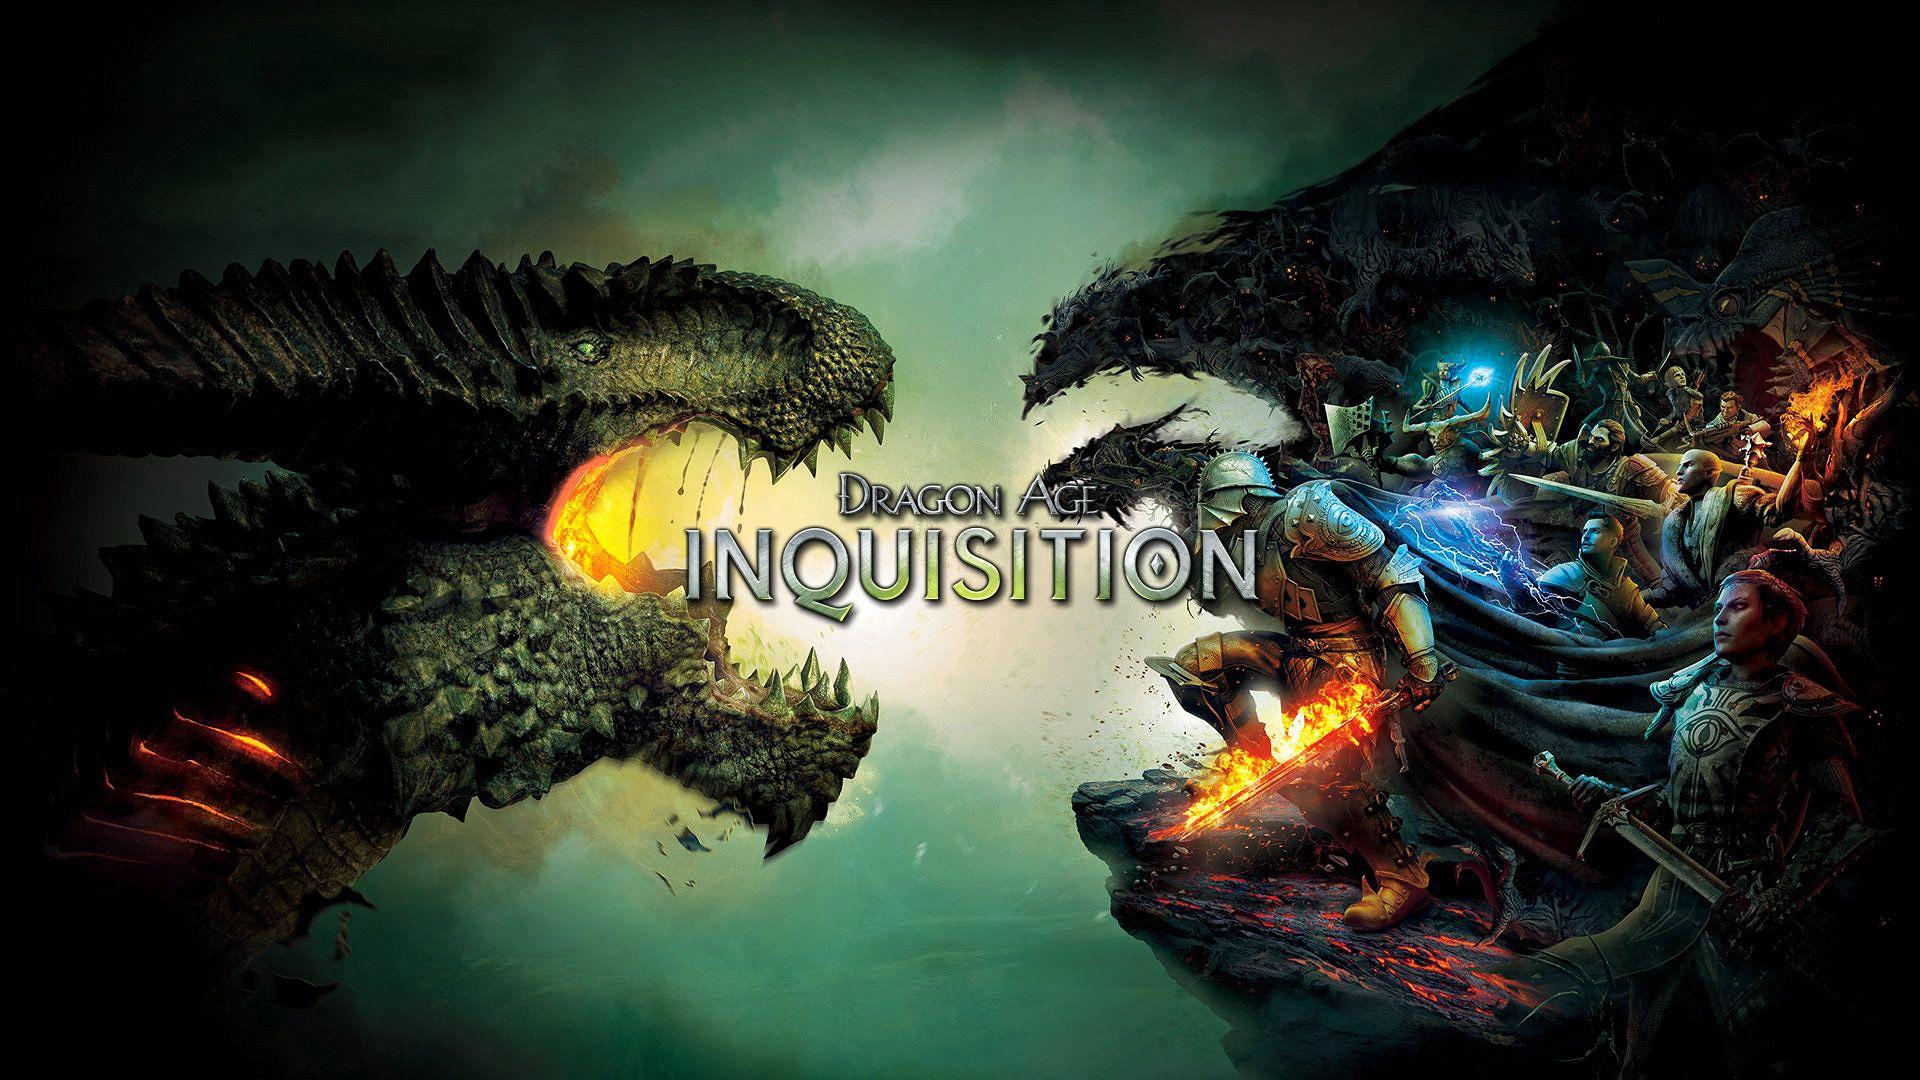 Dragon Age: Inquisition İncelemesi, Minimum ve Önerilen Sistem Gereksinimleri